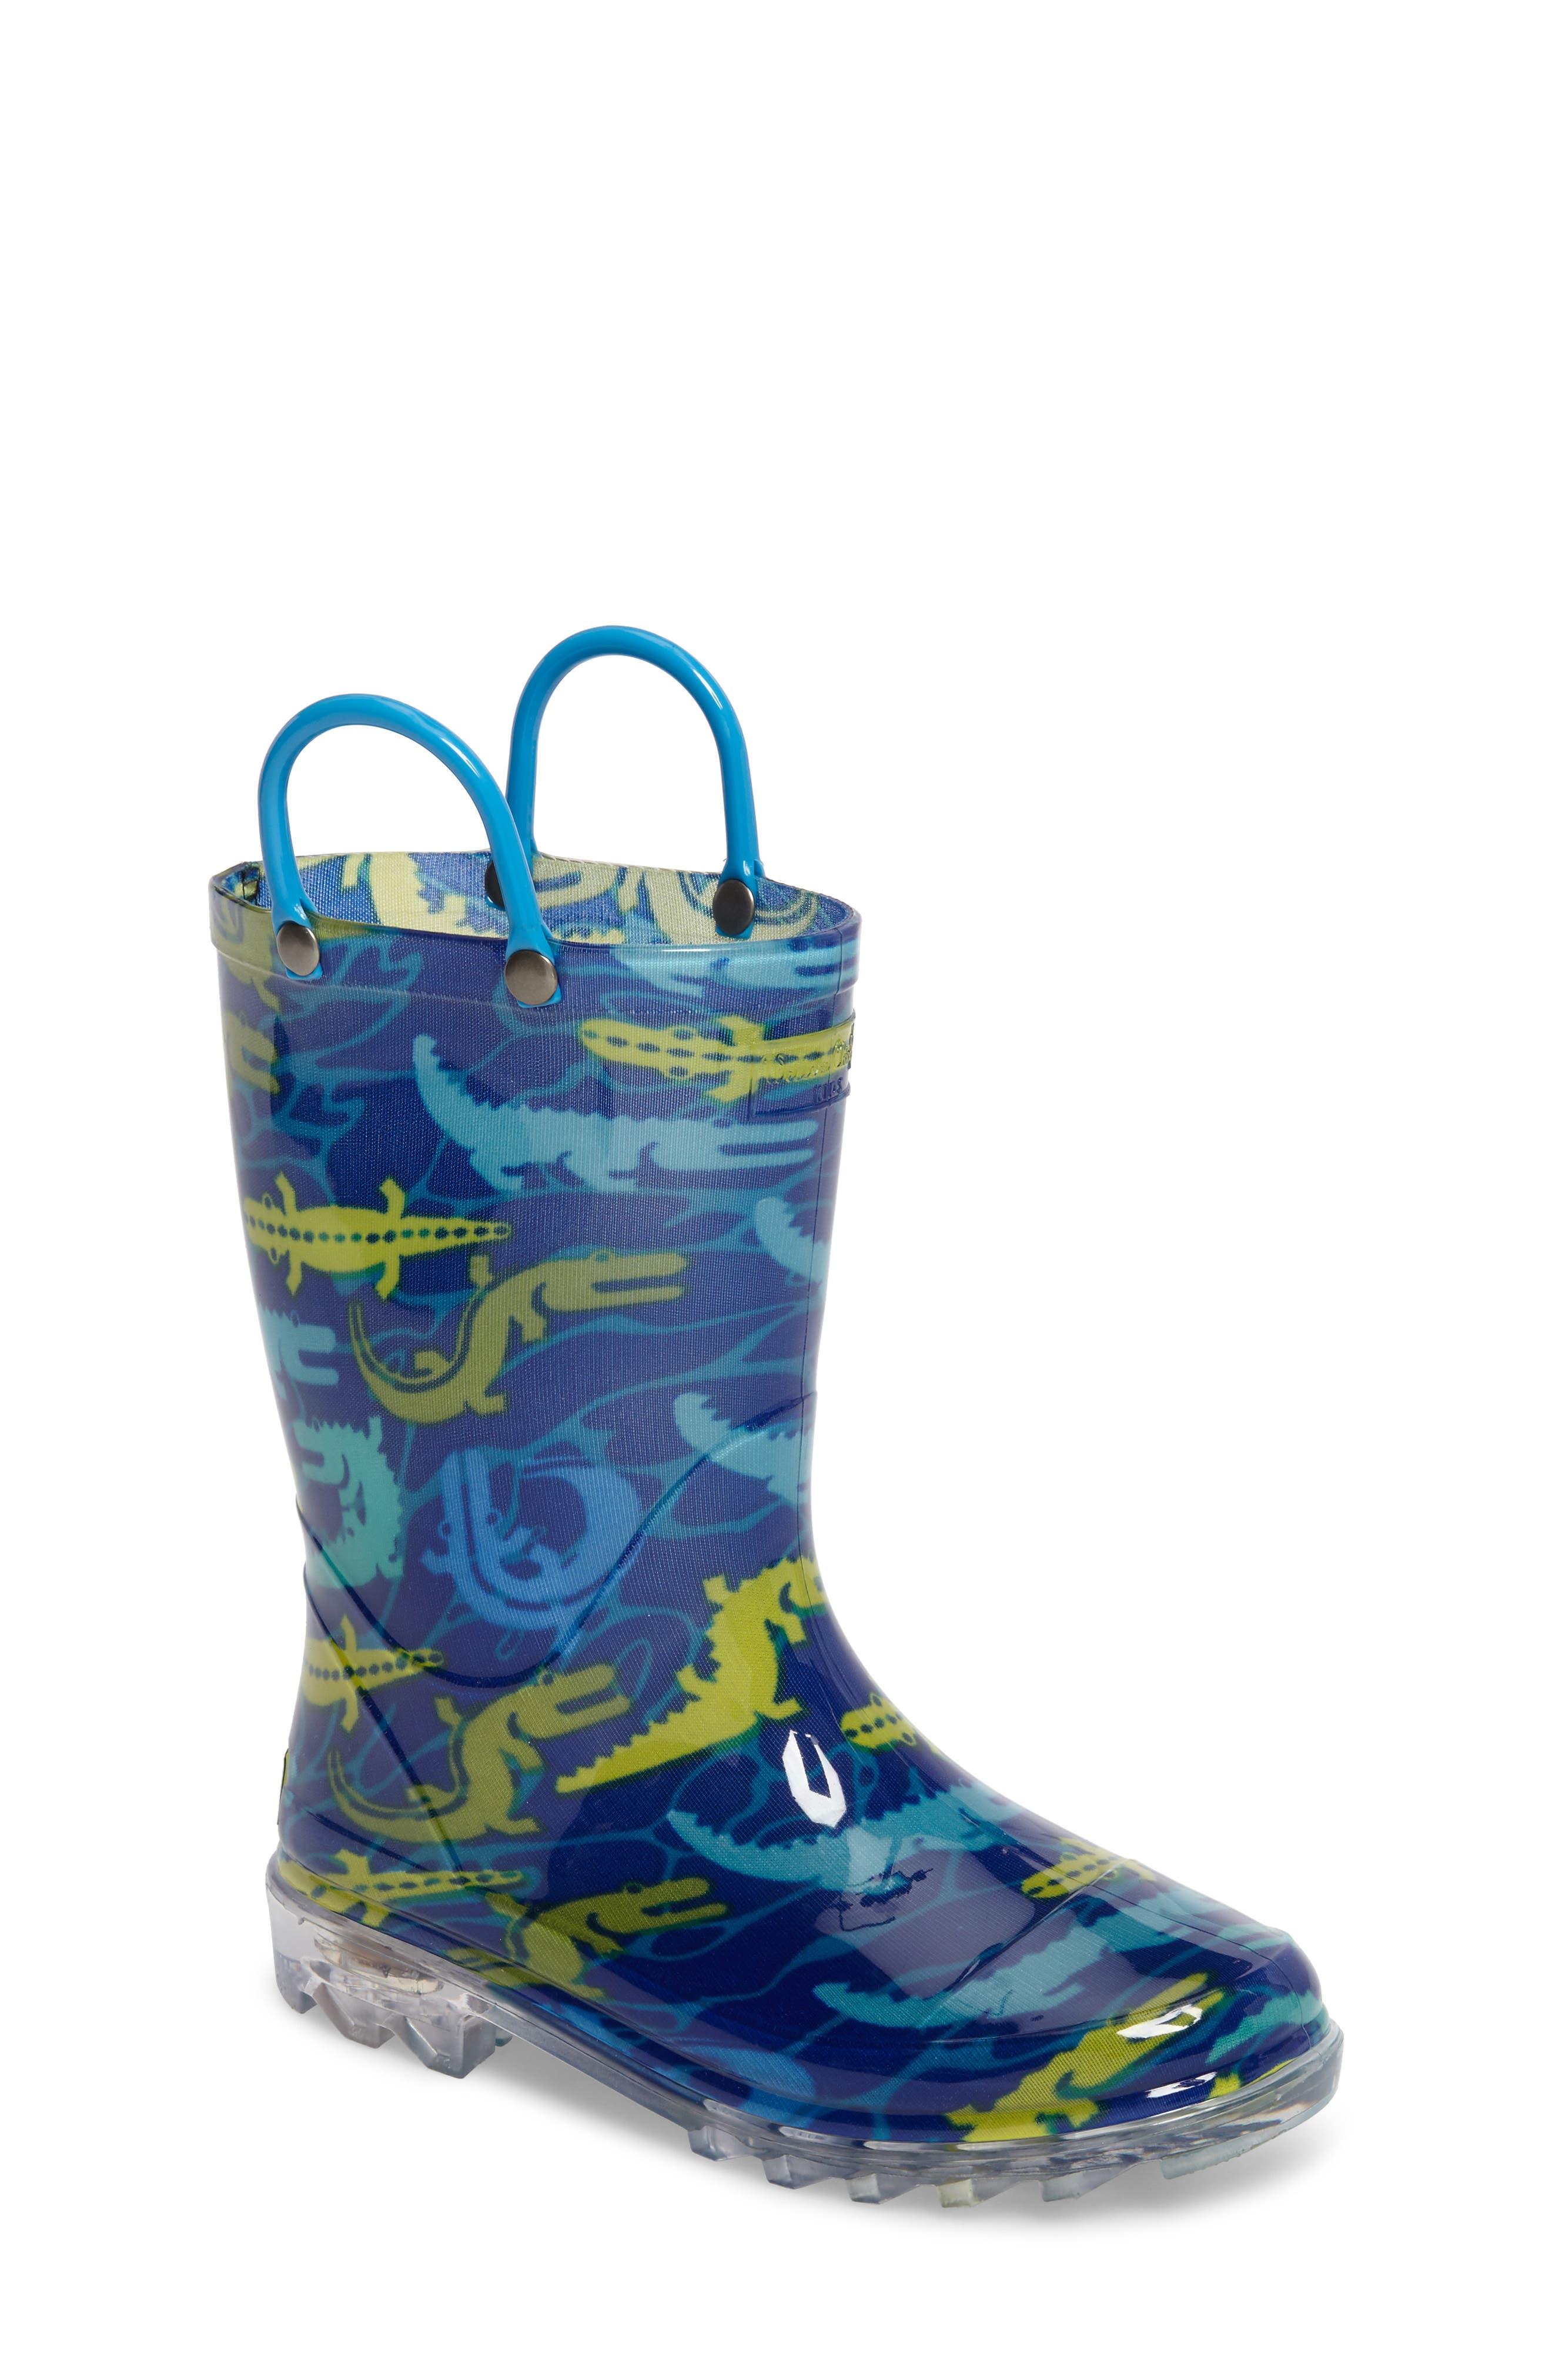 Gators Galore Light-Up Rain Boot,                             Main thumbnail 1, color,                             421